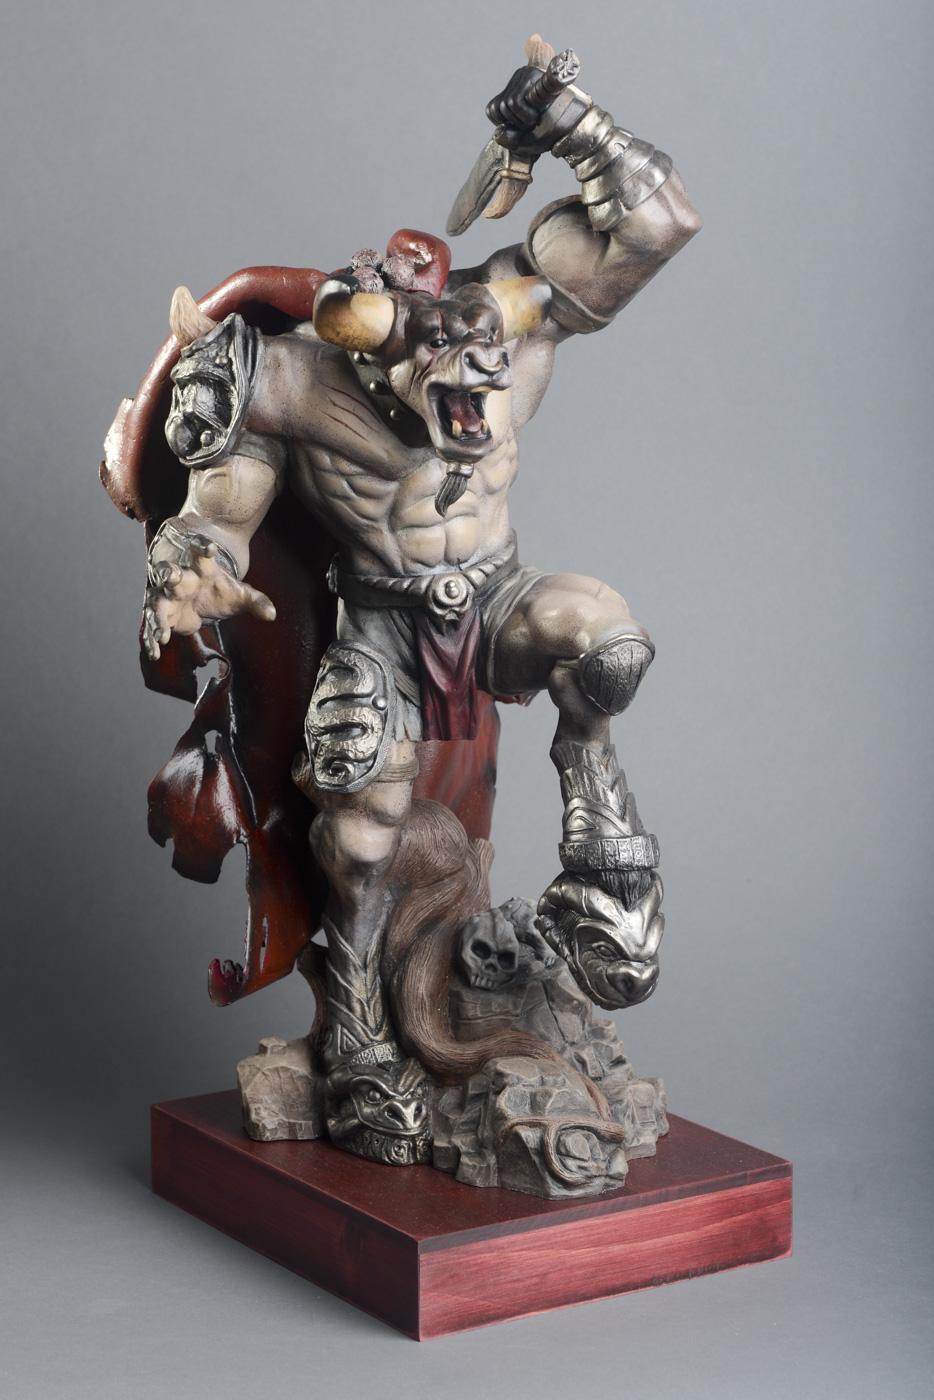 Sculpture_1312145-131216-004.jpg